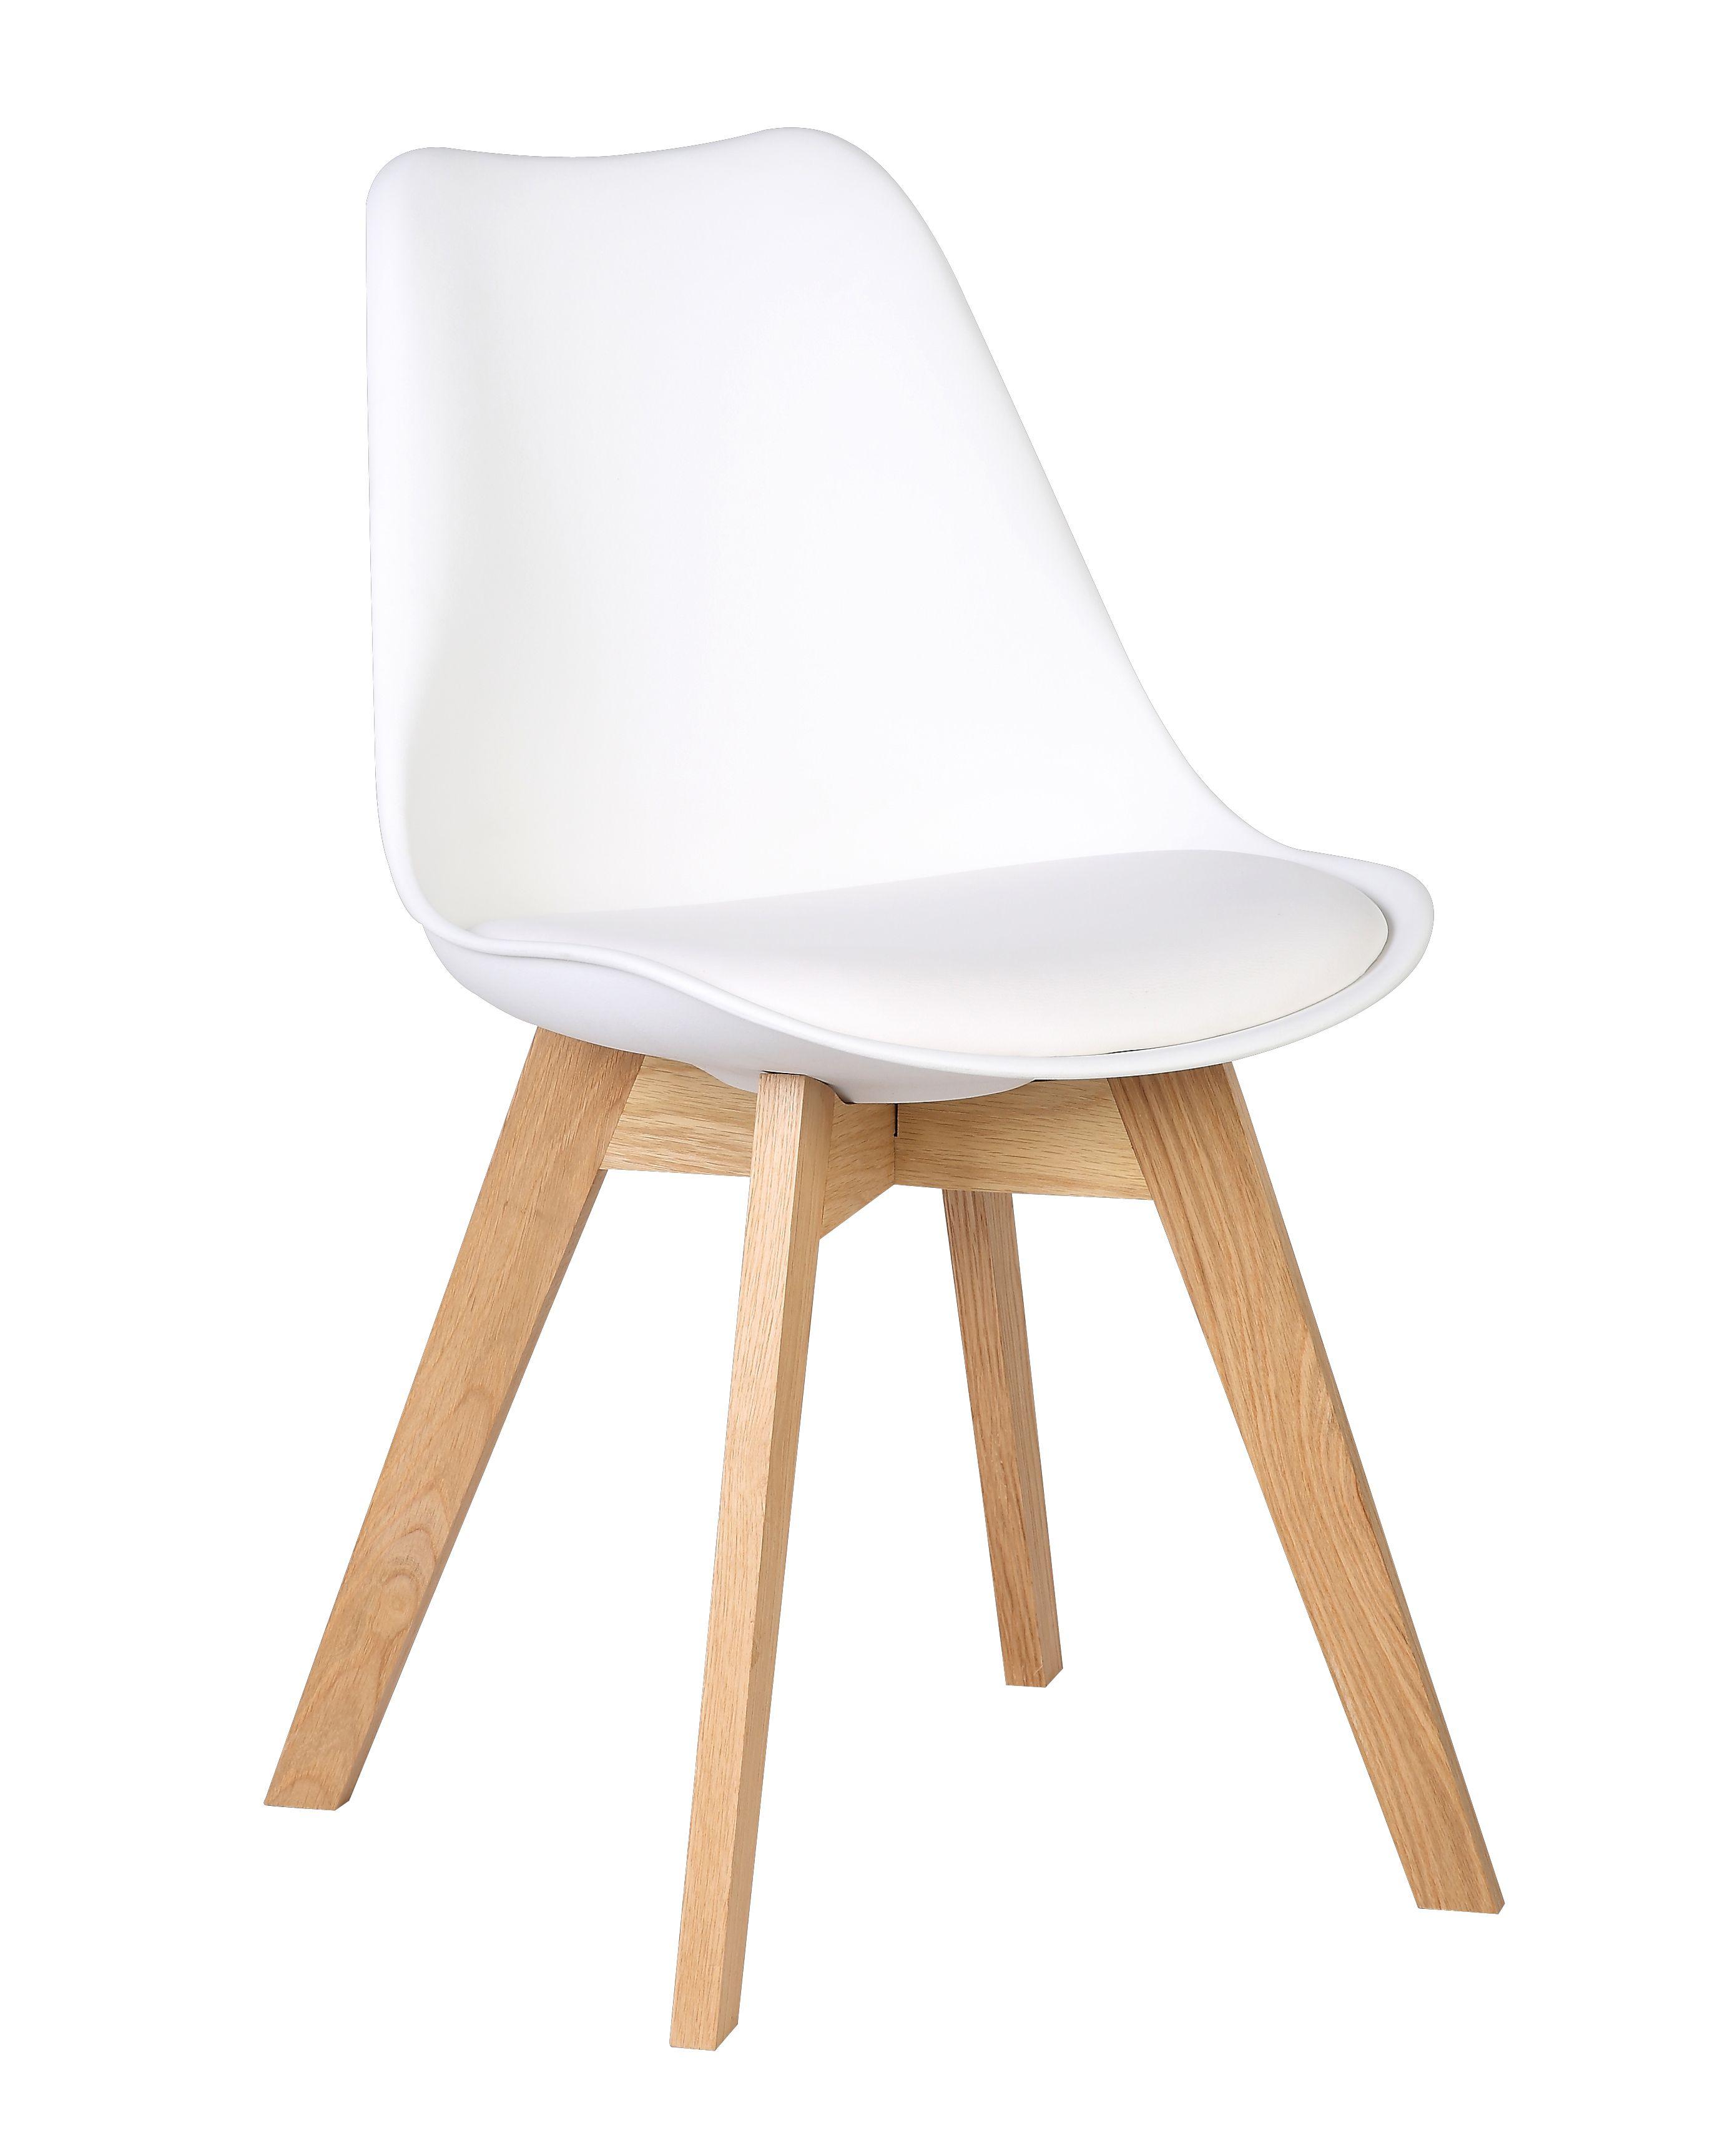 Witte Kunststof Design Stoelen.Don Woody Designerchairs Nl Kunststof Stoel Met Lederen Zitting